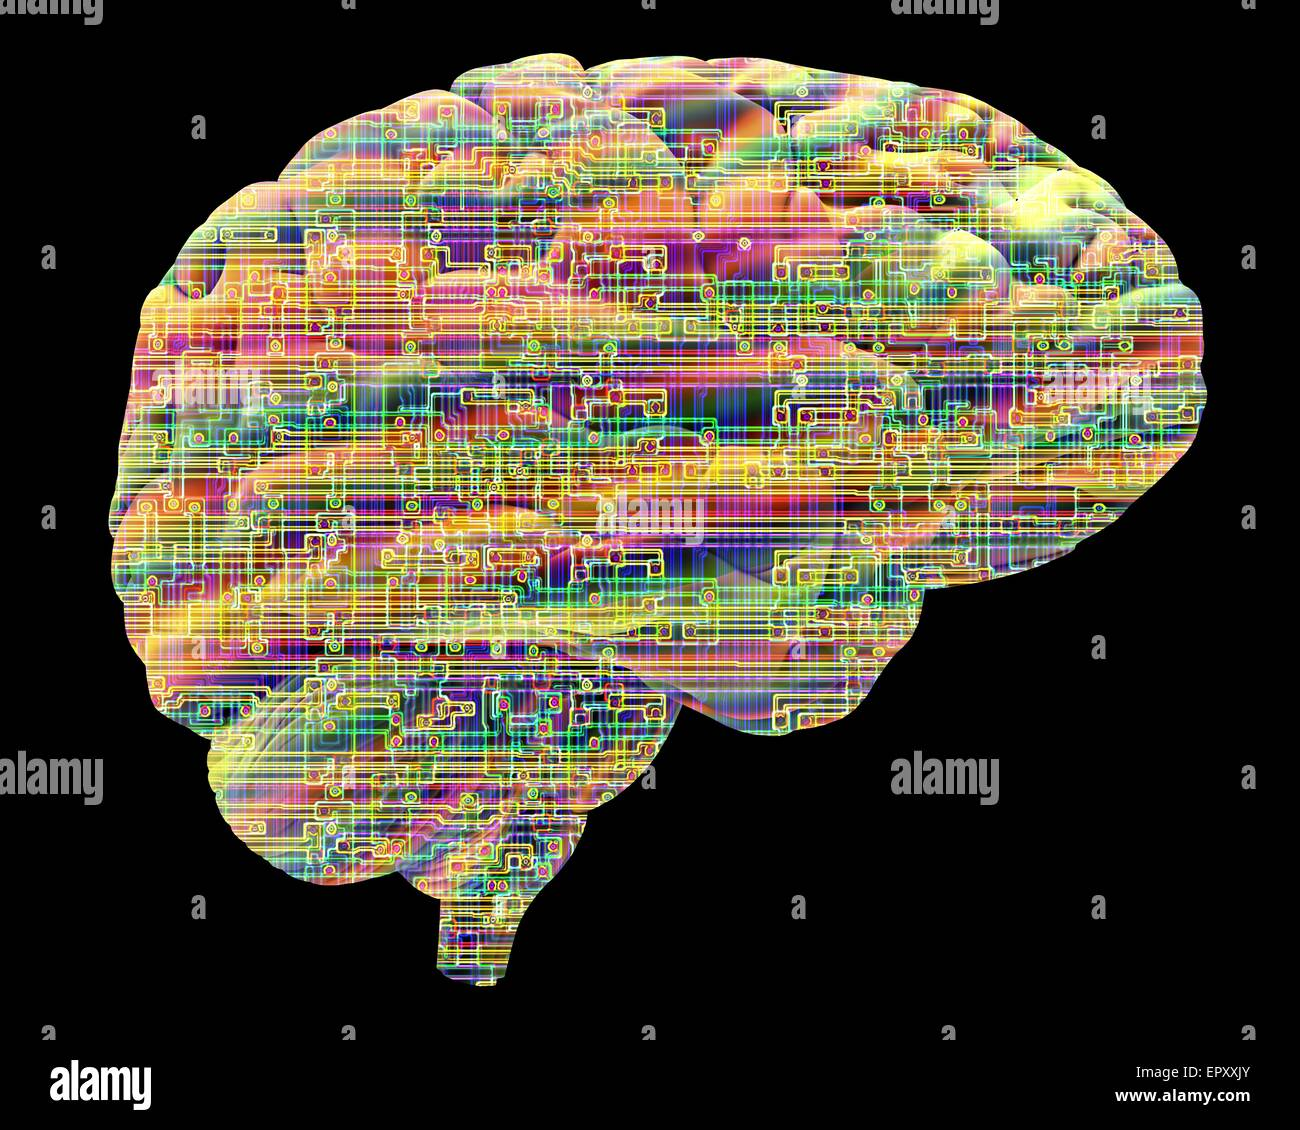 L'intelligence artificielle et de la cybernétique, de l'image conceptuelle. Cette image d'une puce Photo Stock